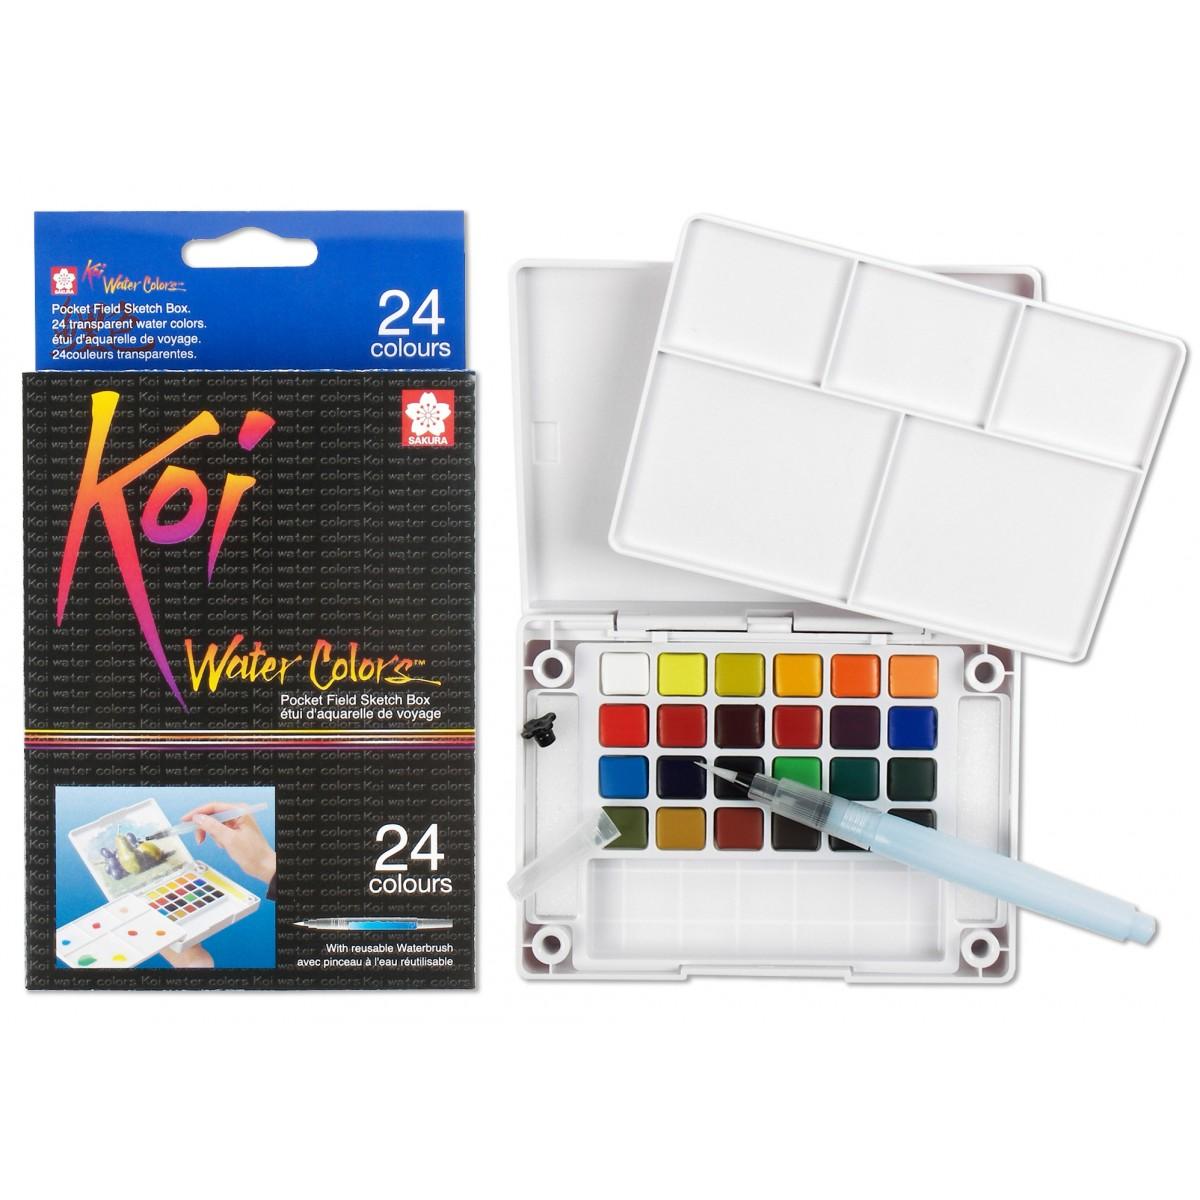 Cat Air 24 Colours Set - SAKURA Koi Water Colors Pocket Sketch Box